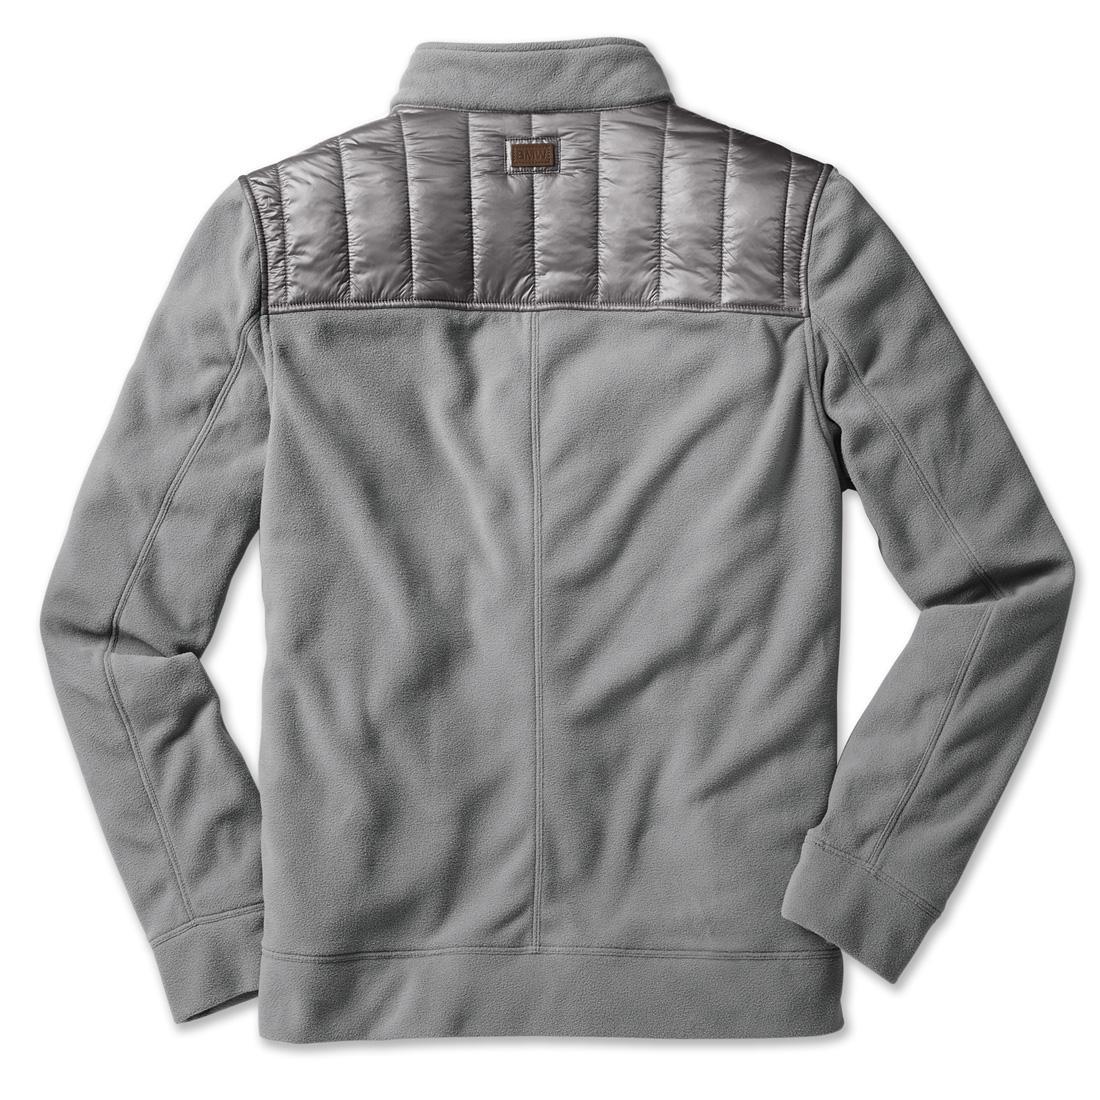 BMW Fleece Jacket Men's Grey